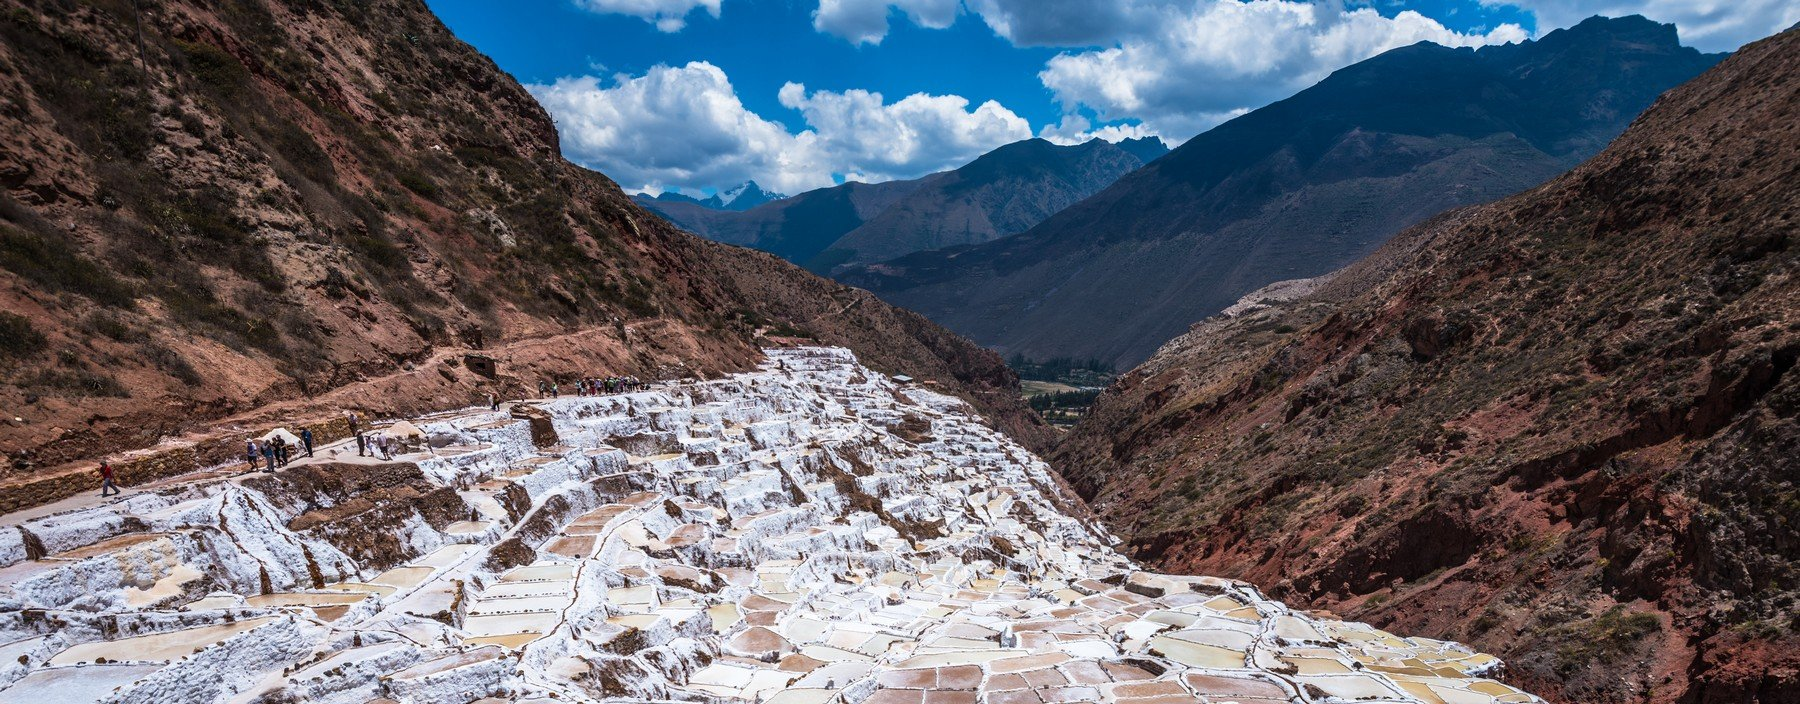 pe, heilige vallei, salinas zoutpannen  (5).jpg